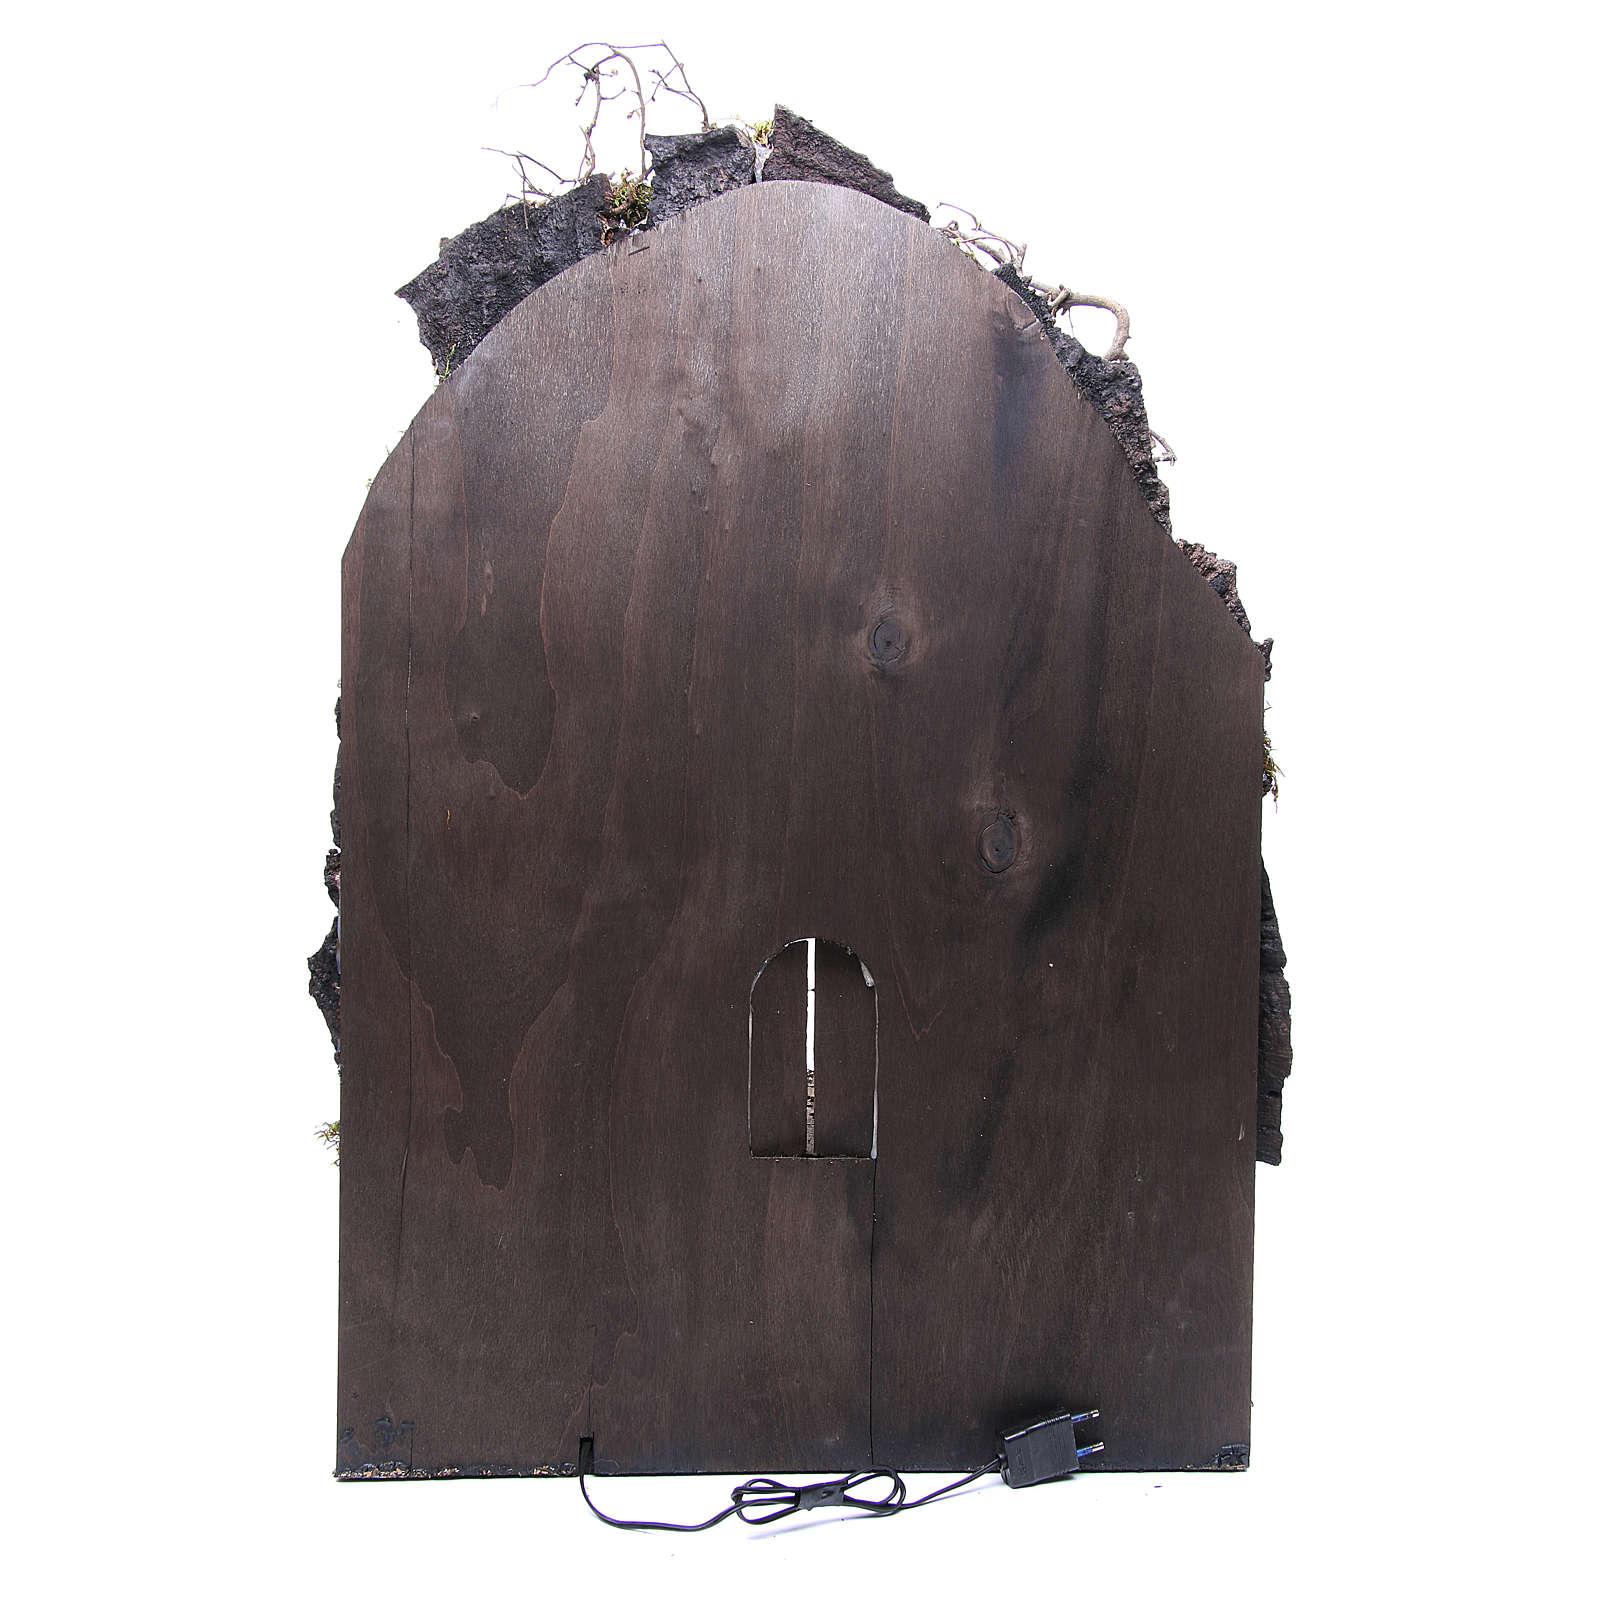 Borghetto presepe Napoli 75x50x50 cm illuminato 4